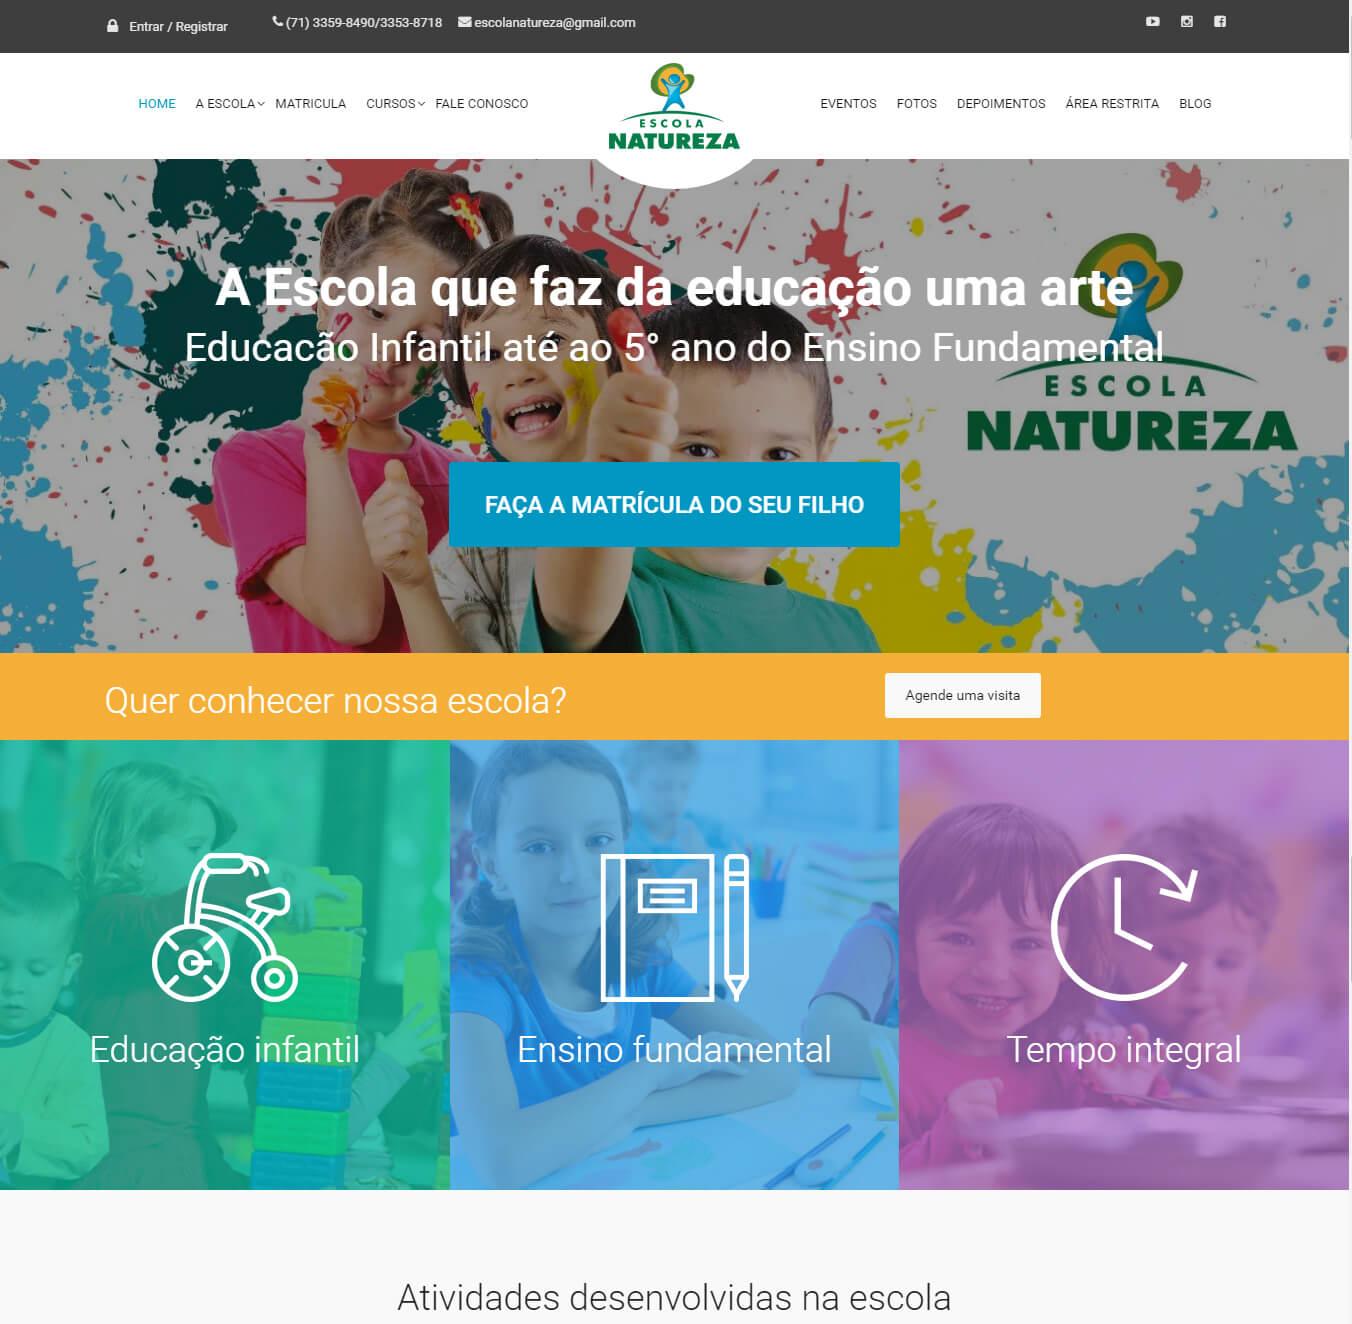 Escola Natureza